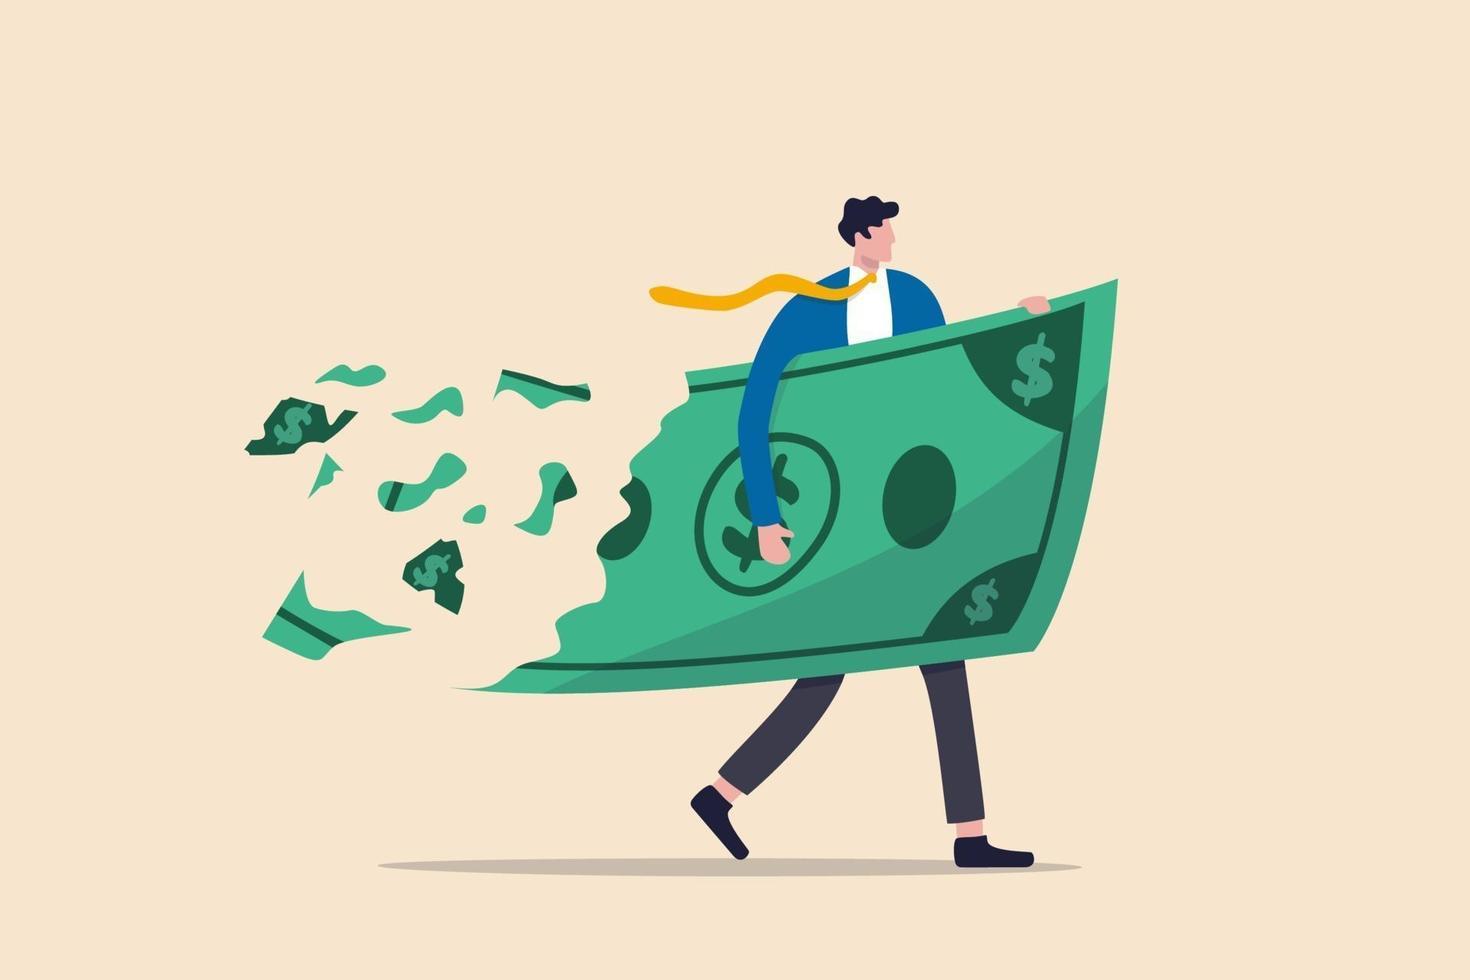 pierda la inversión de dinero en la crisis financiera, las ganancias y pérdidas en los negocios o el concepto de deflación e inflación, empresario sosteniendo dinero en billetes de grandes dólares mientras pierde, se desmorona y reduce su valor. vector